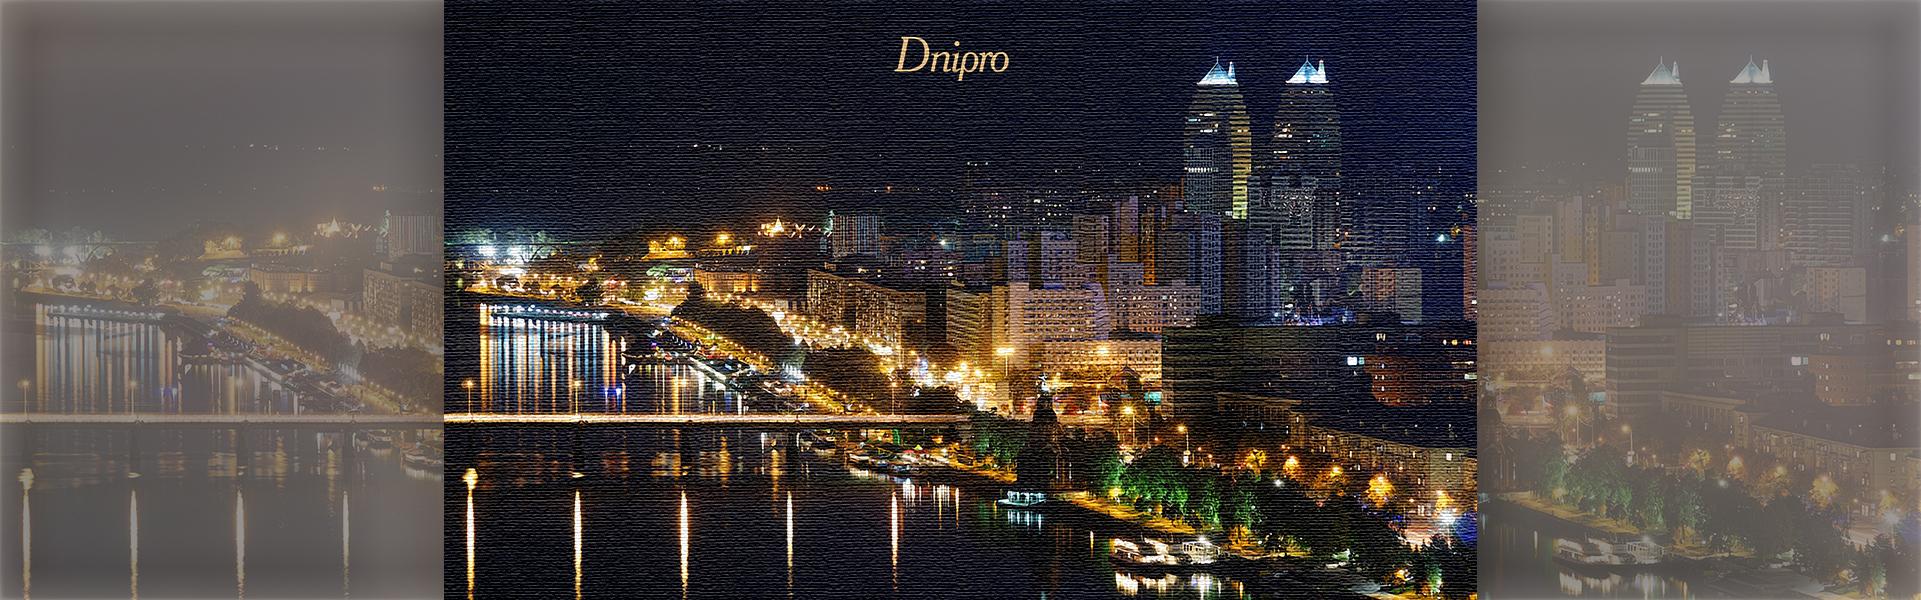 Dnipro 1 слайдер